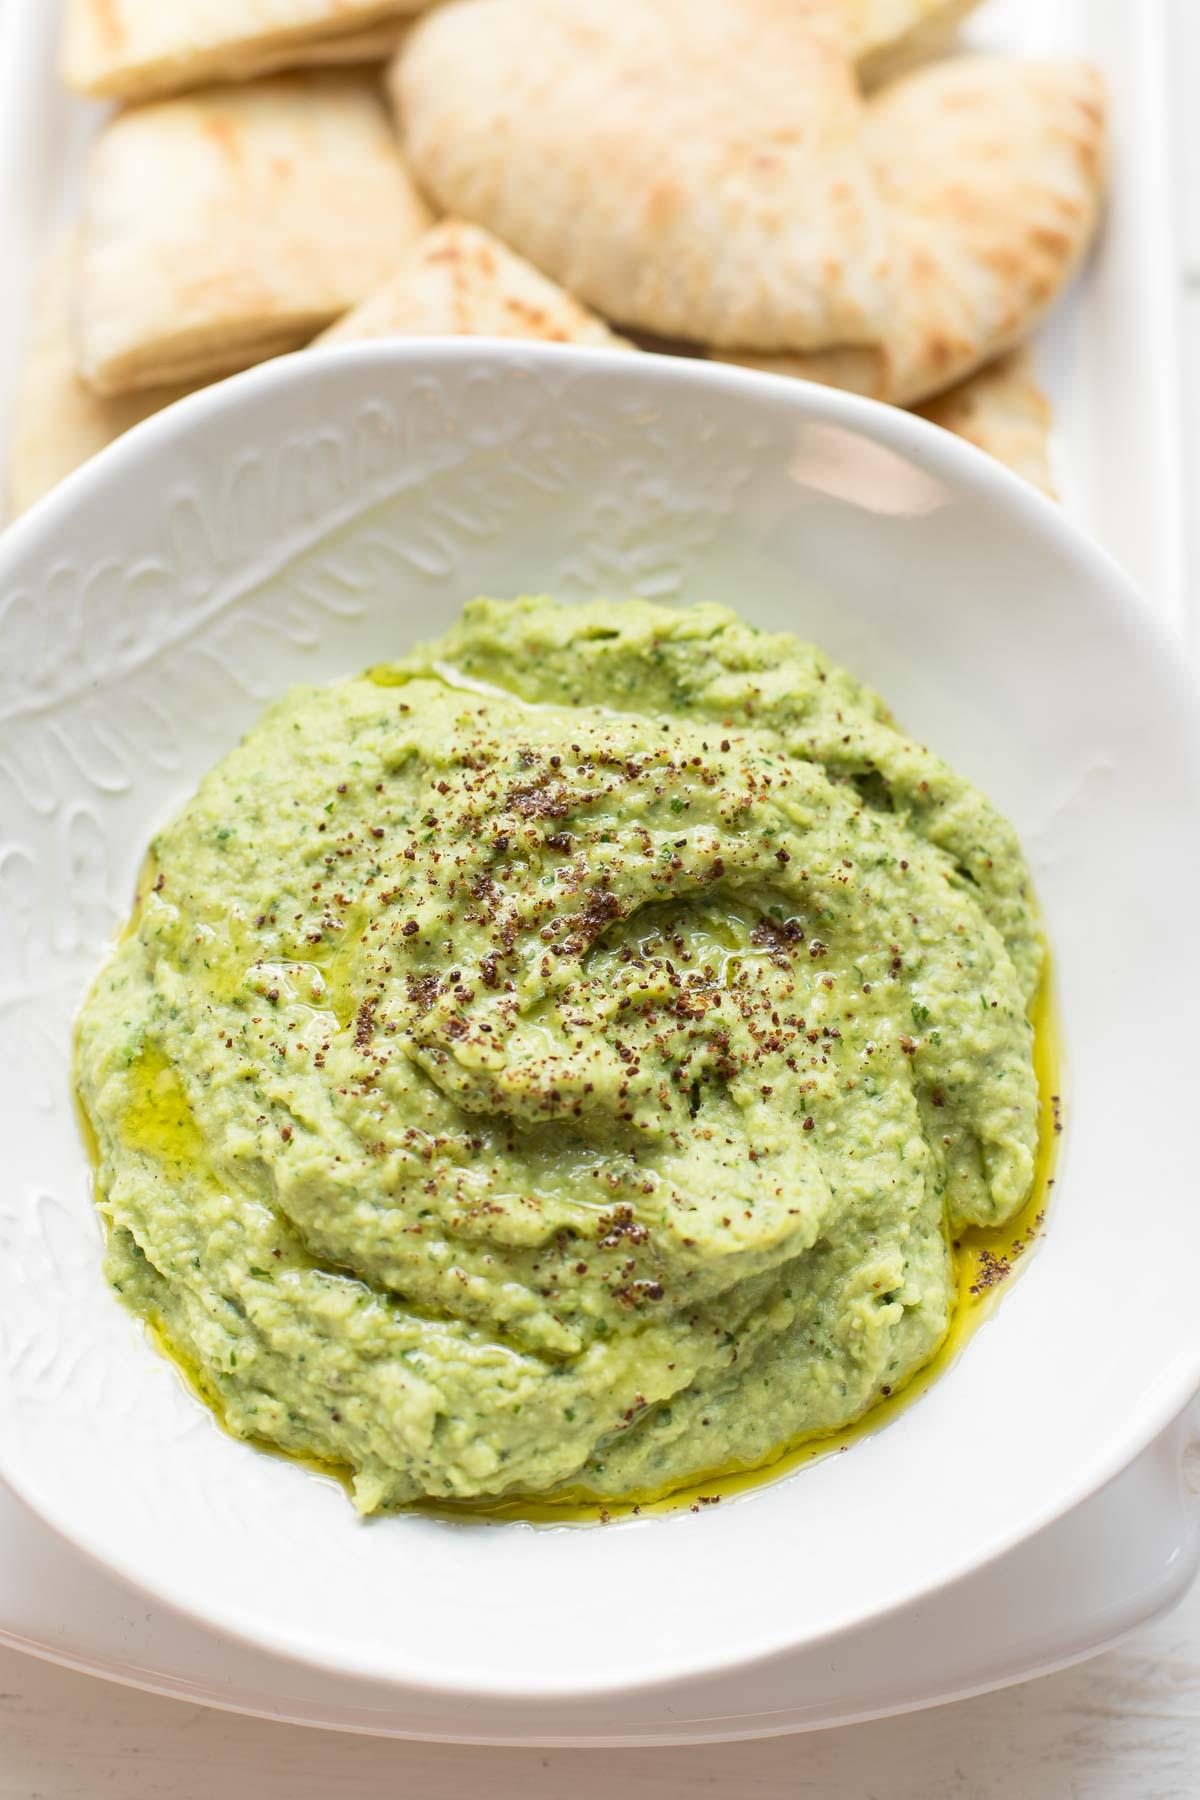 Bohnen Dip aus Dicken Bohnen - Grüner Hummus | Rezept | Elle Republic